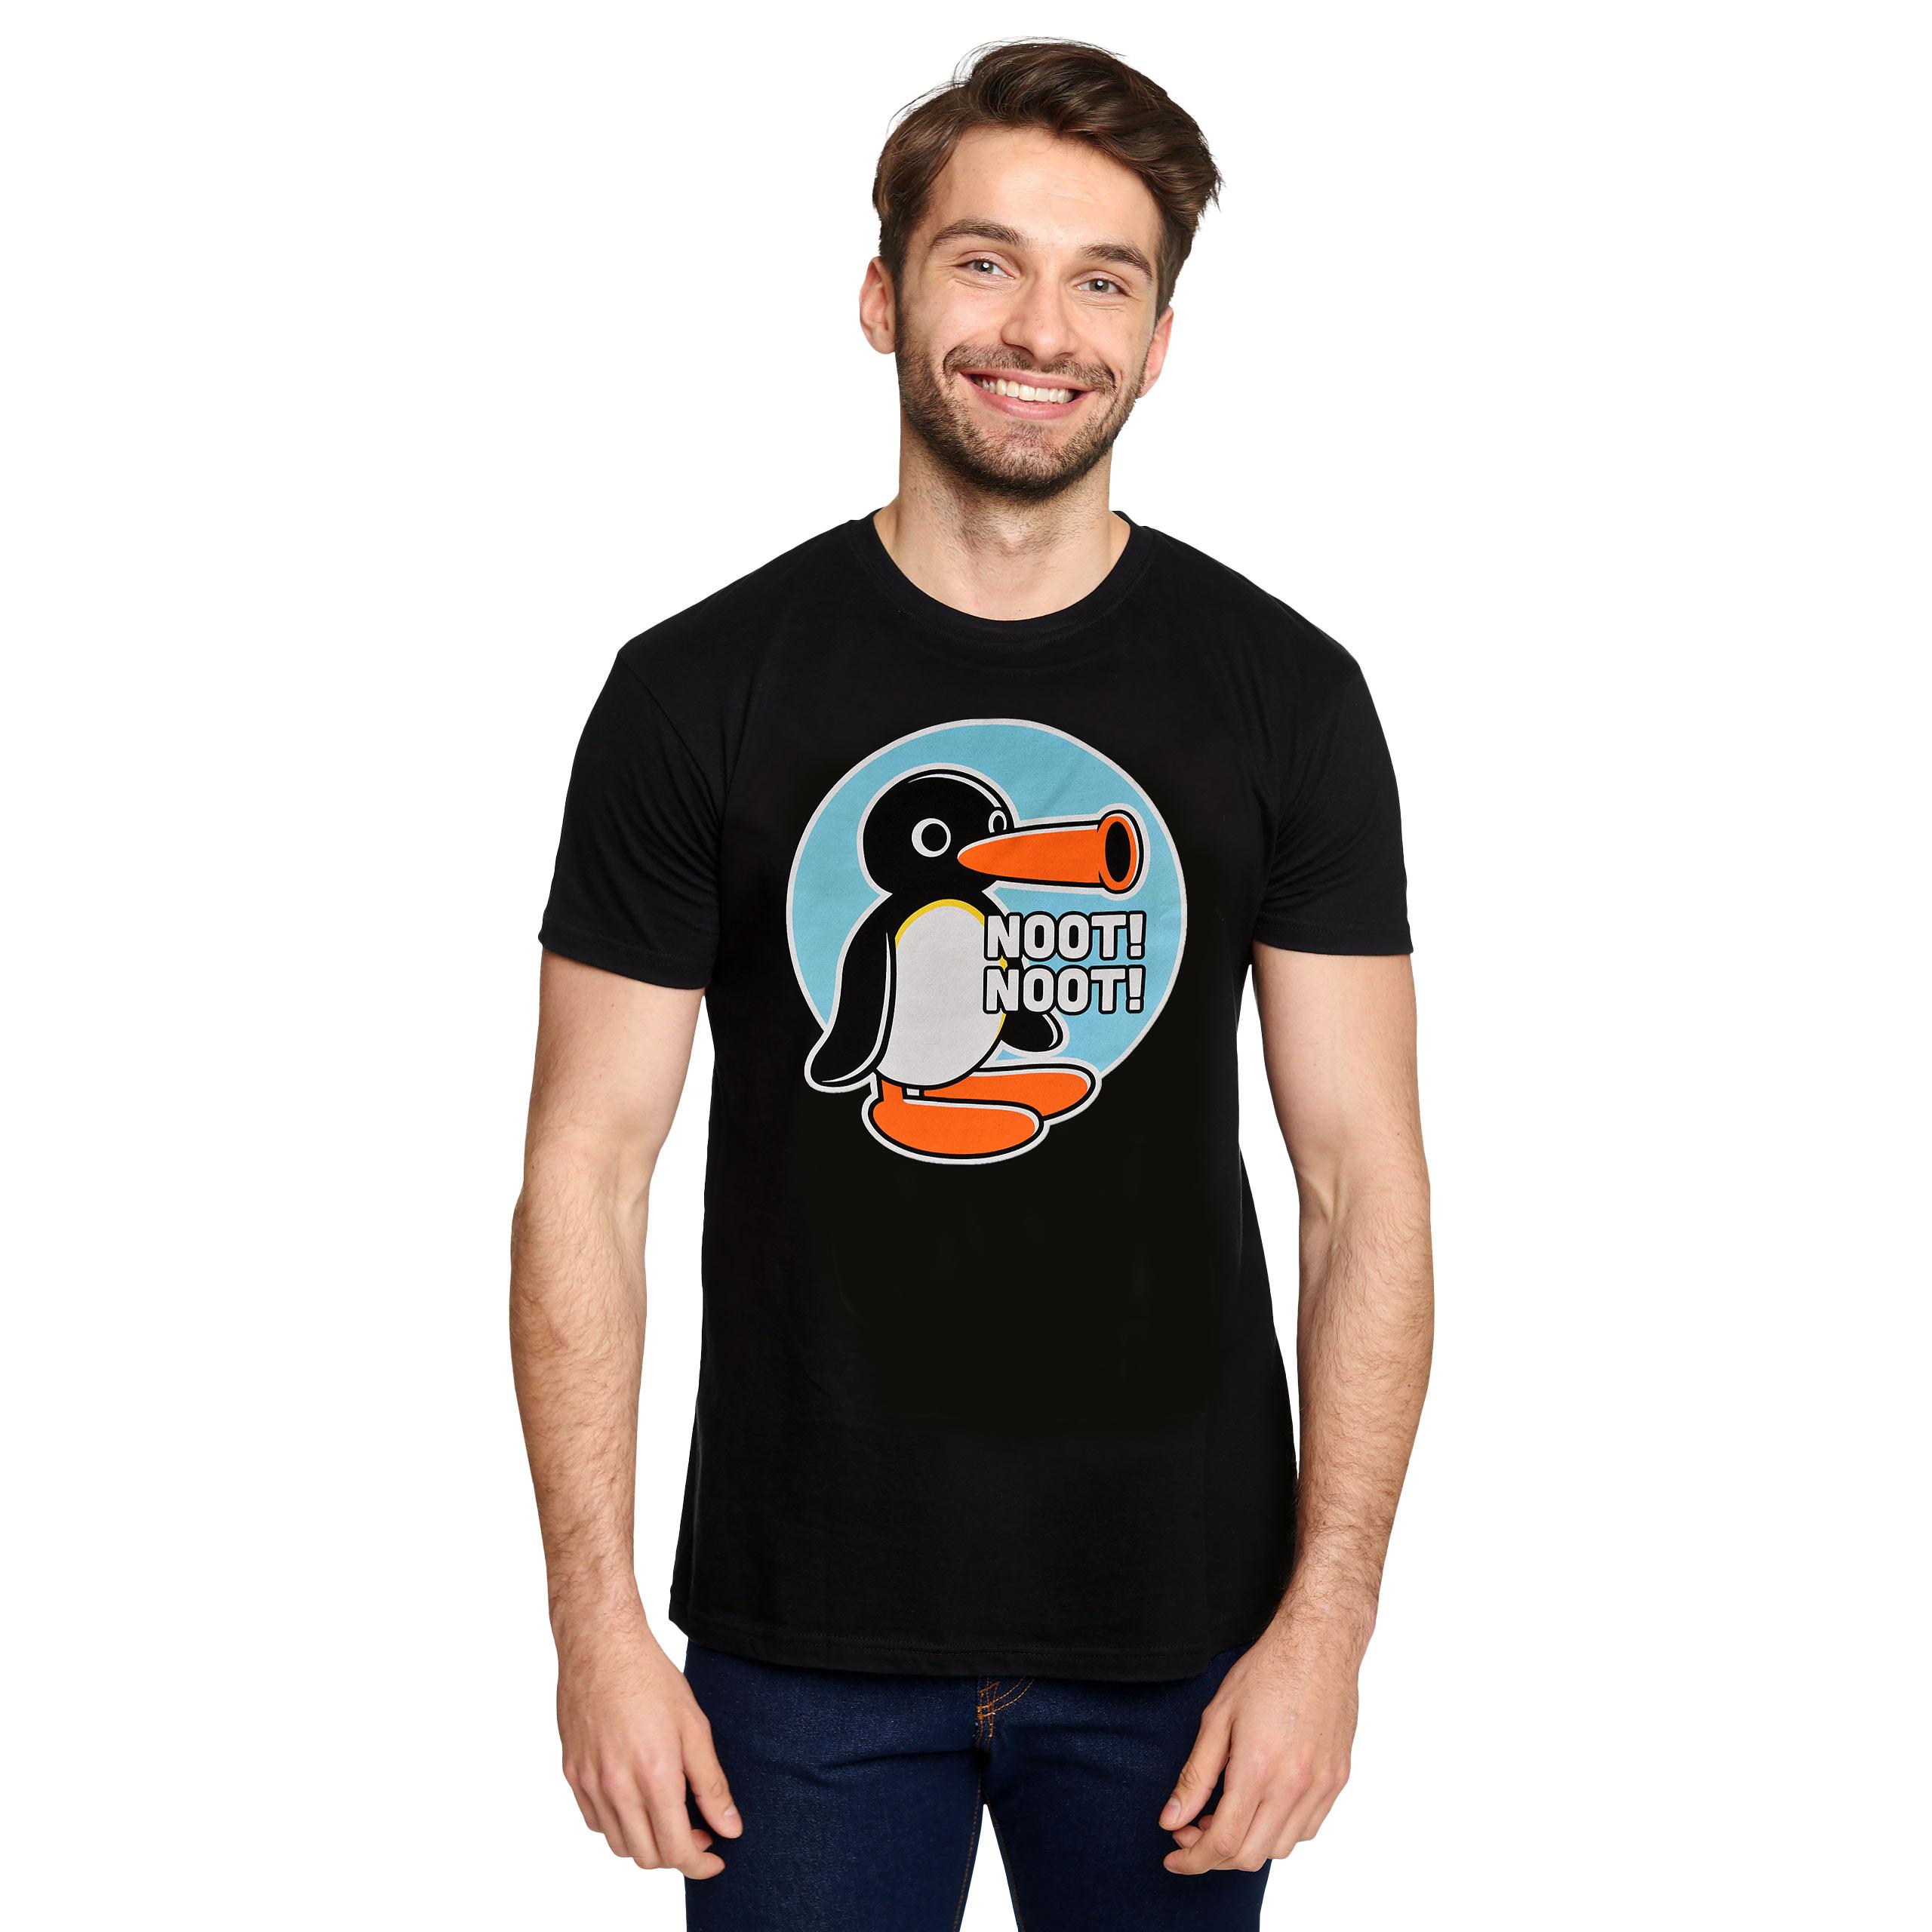 Noot Noot T-Shirt für Pingu Fans schwarz